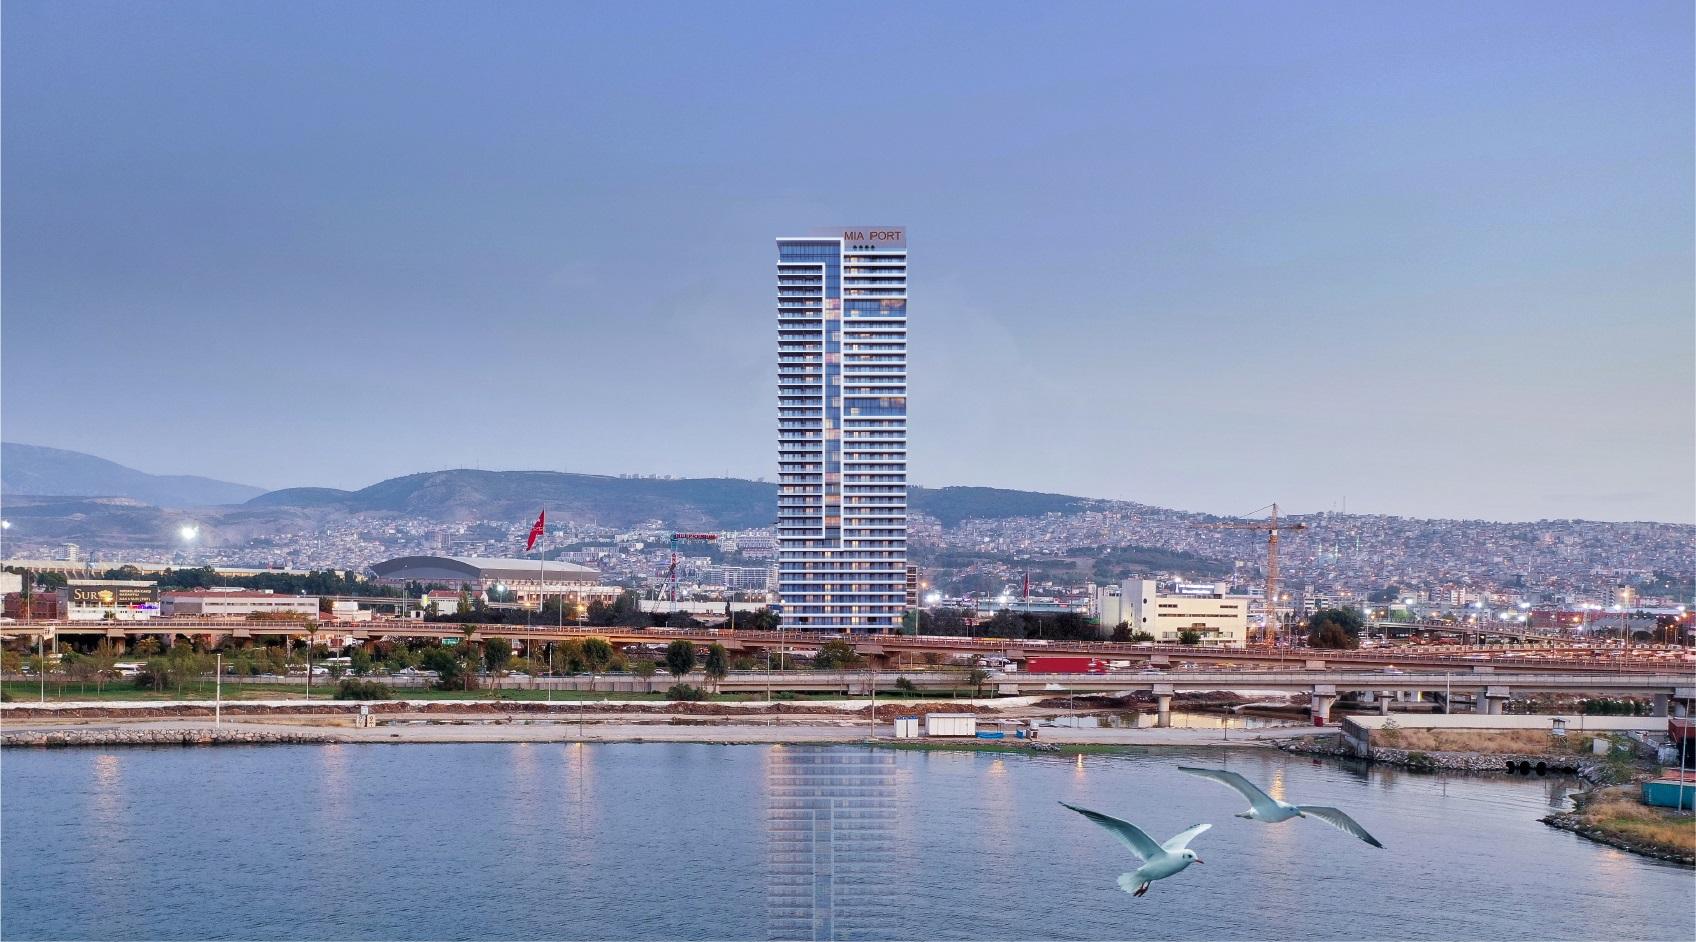 Mia Port İzmir